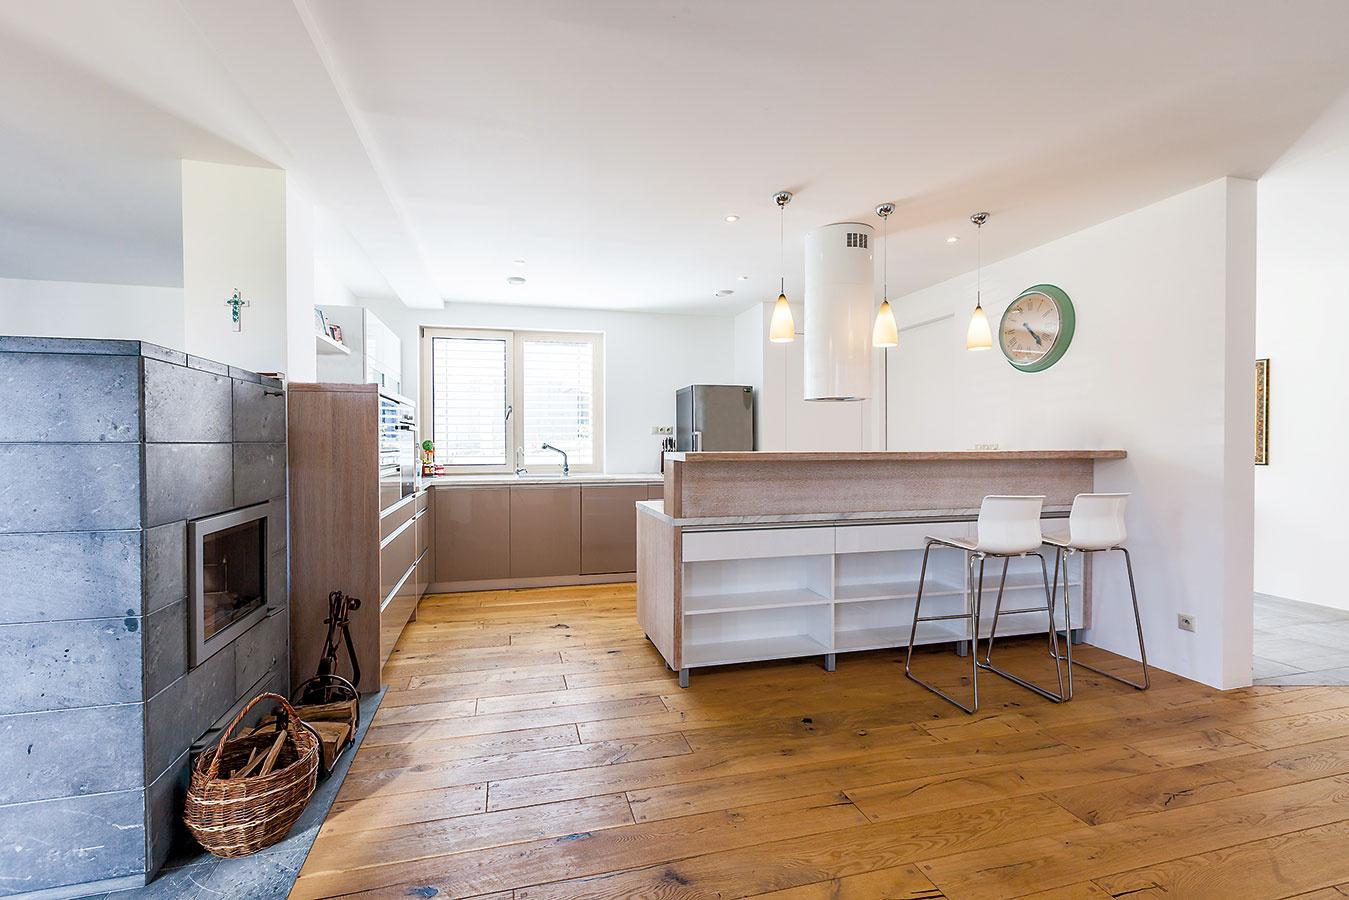 Napriek tomu, že sa kuchyňa nachádza vstrede dispozície, je dostatočne presvetlená. Vdispozícii tvorí medzikrok medzi vstupnými priestormi, dennou anočnou časťou.